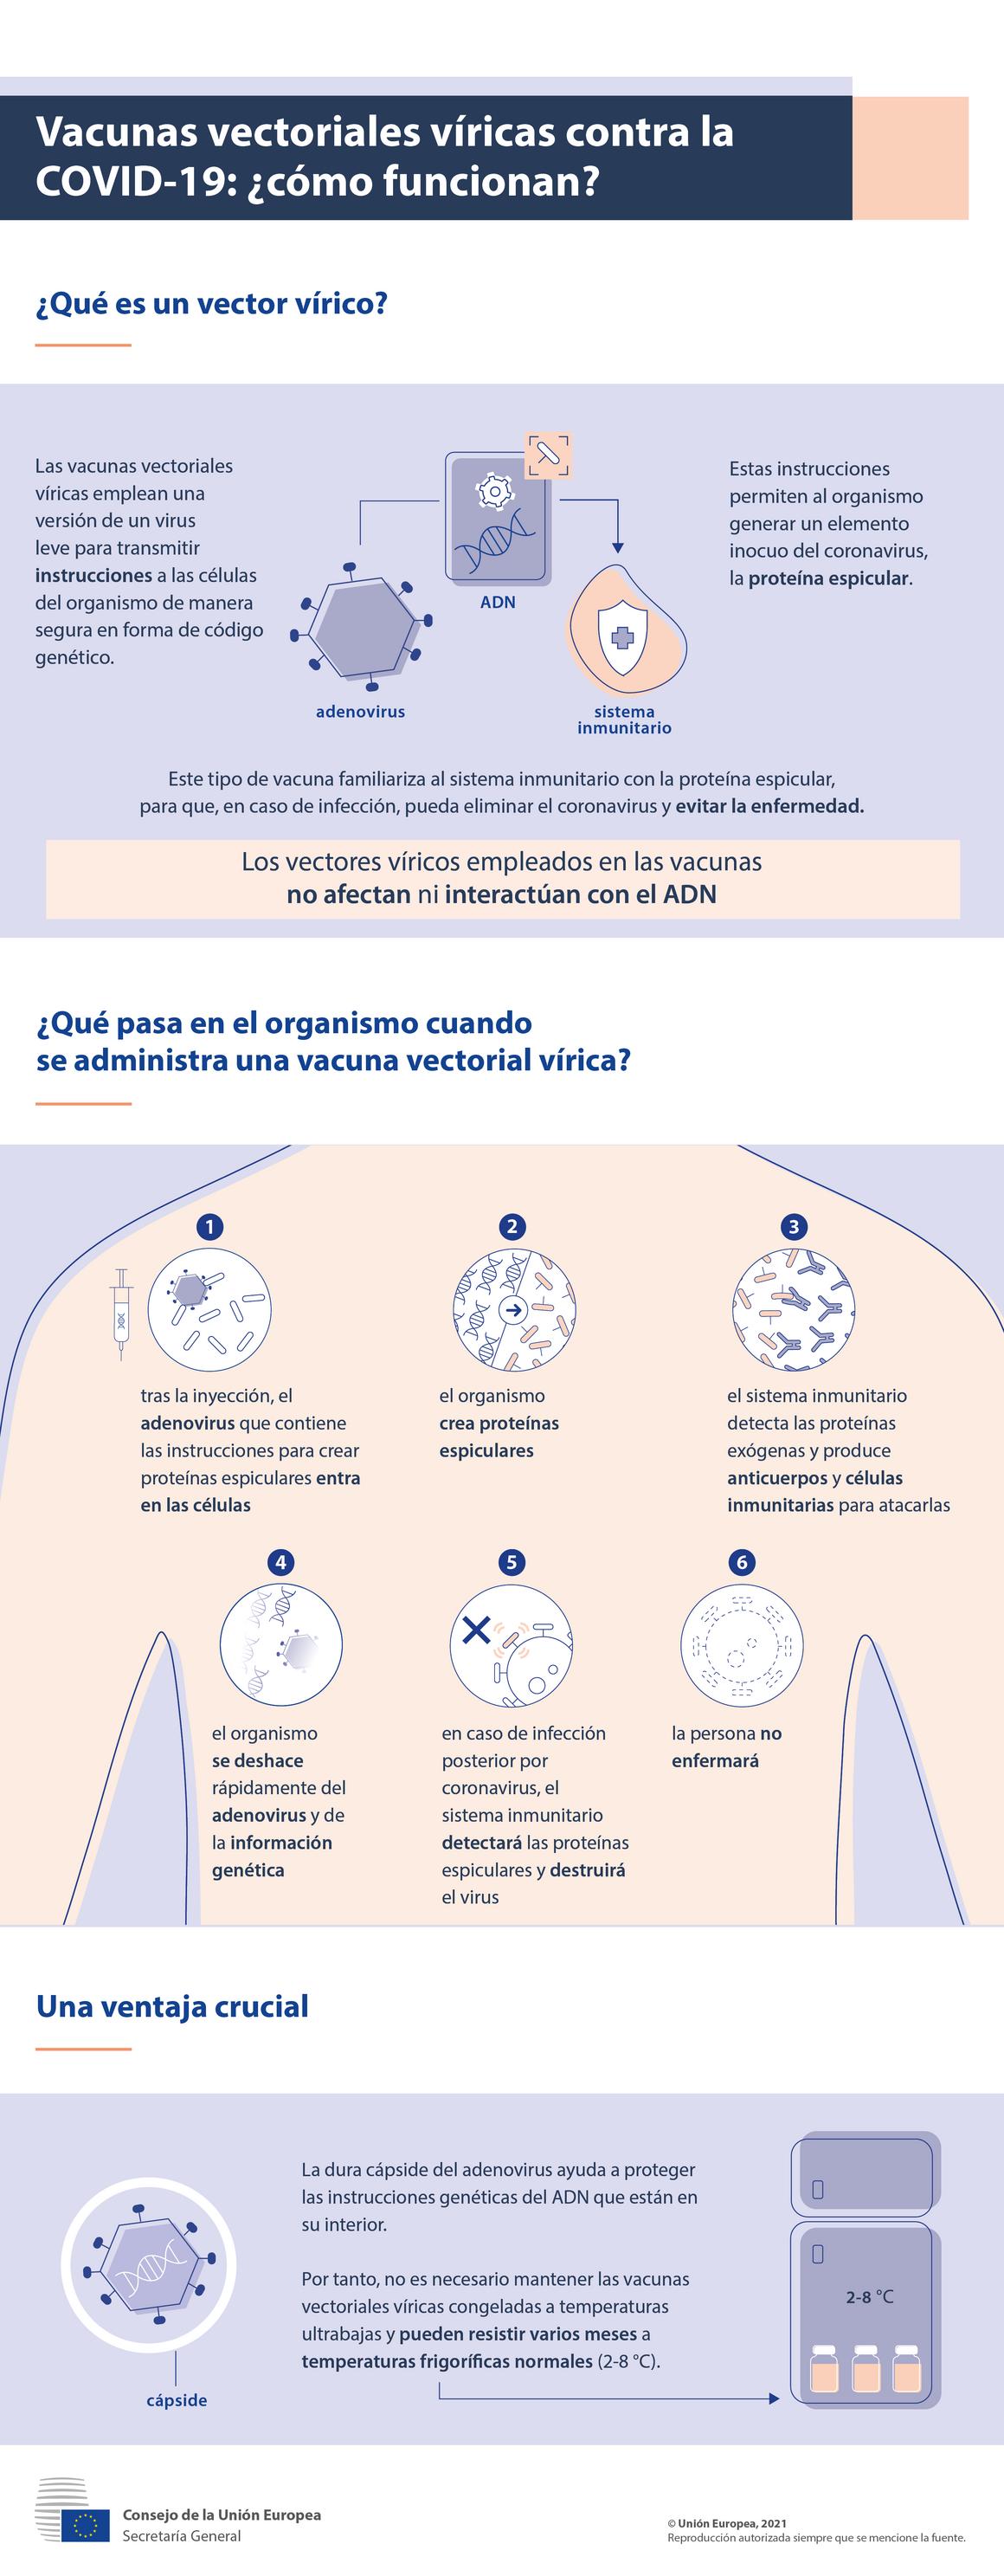 Infografía — Vacunas vectoriales víricas contra la COVID-19: cómo funcionan